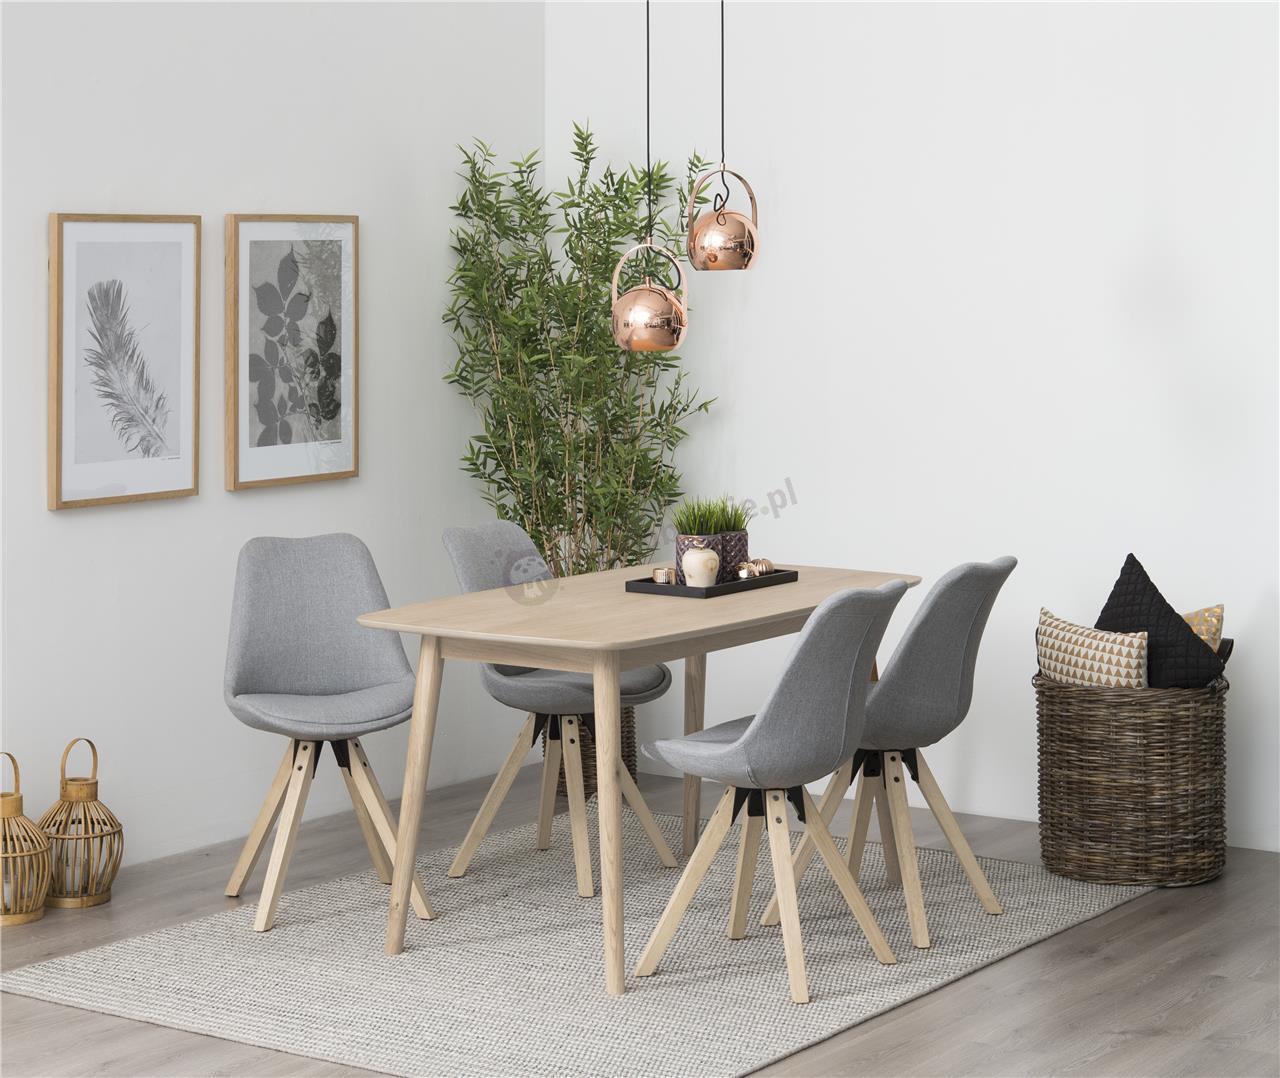 Actona Nagano stół dębowy bielony w aranżacji z krzesłami Dima